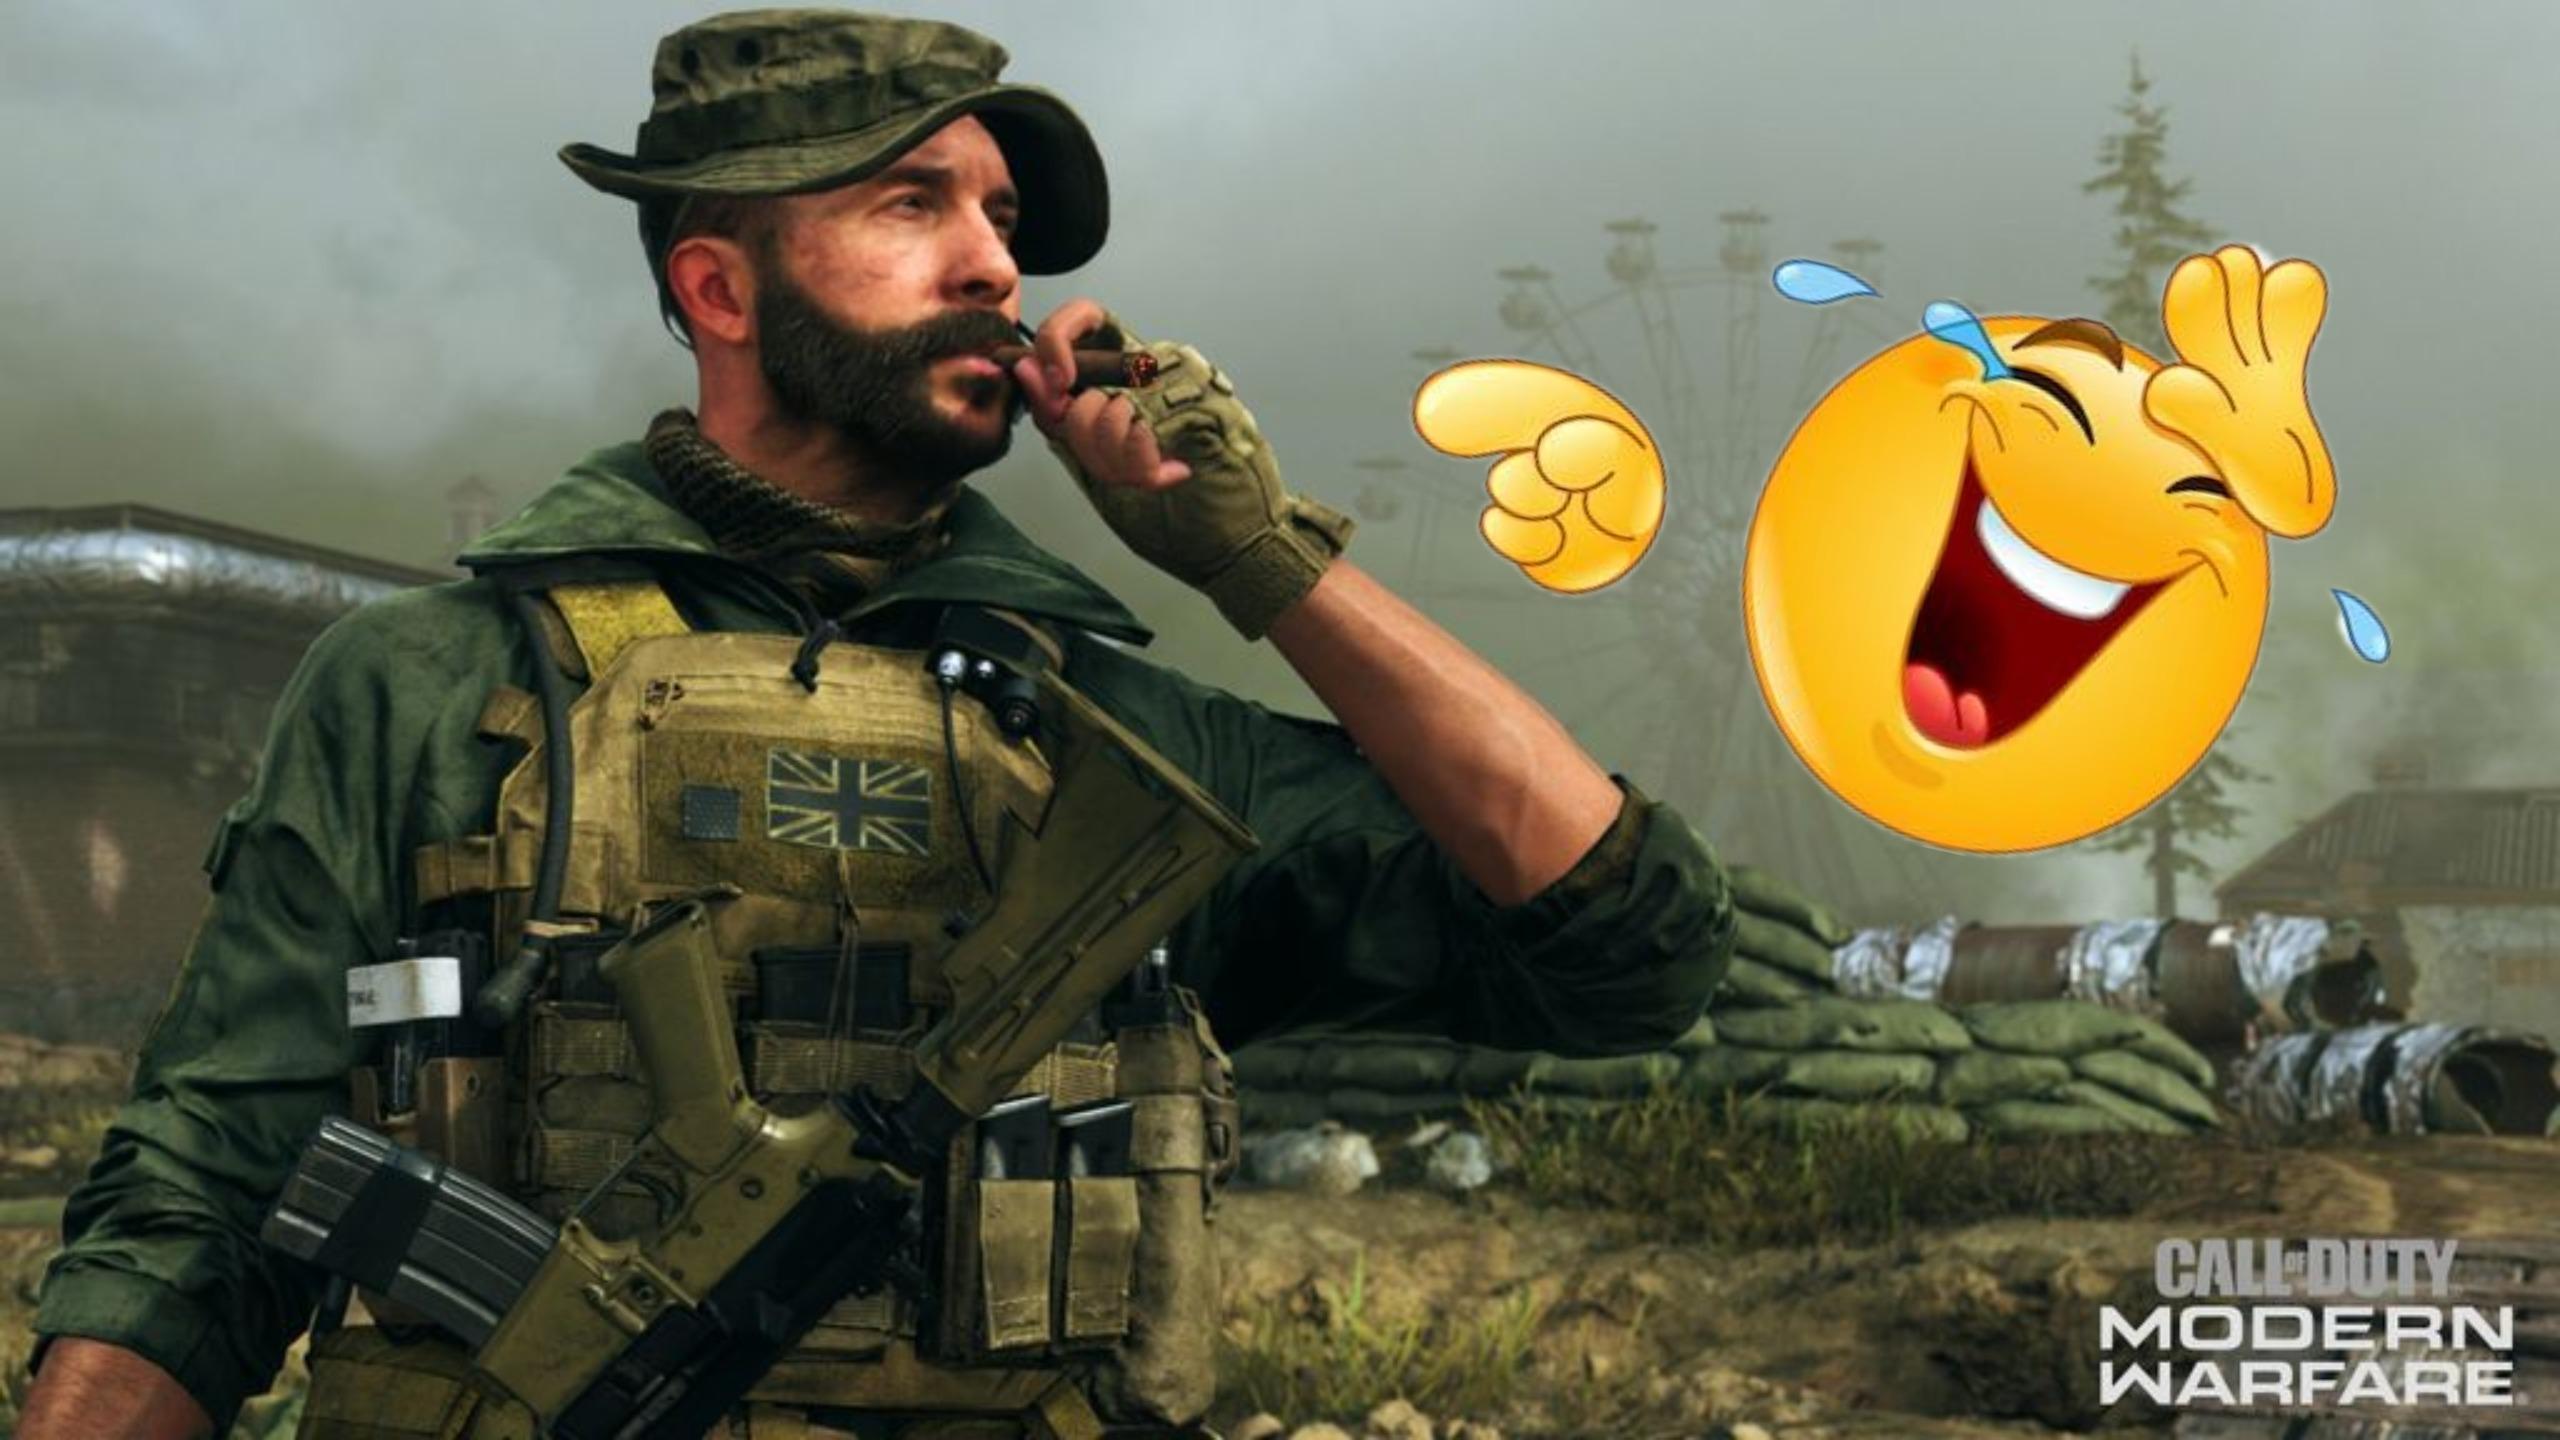 Нечестный стример Call Of Duty выдает себя, хвастаясь своими умениеми